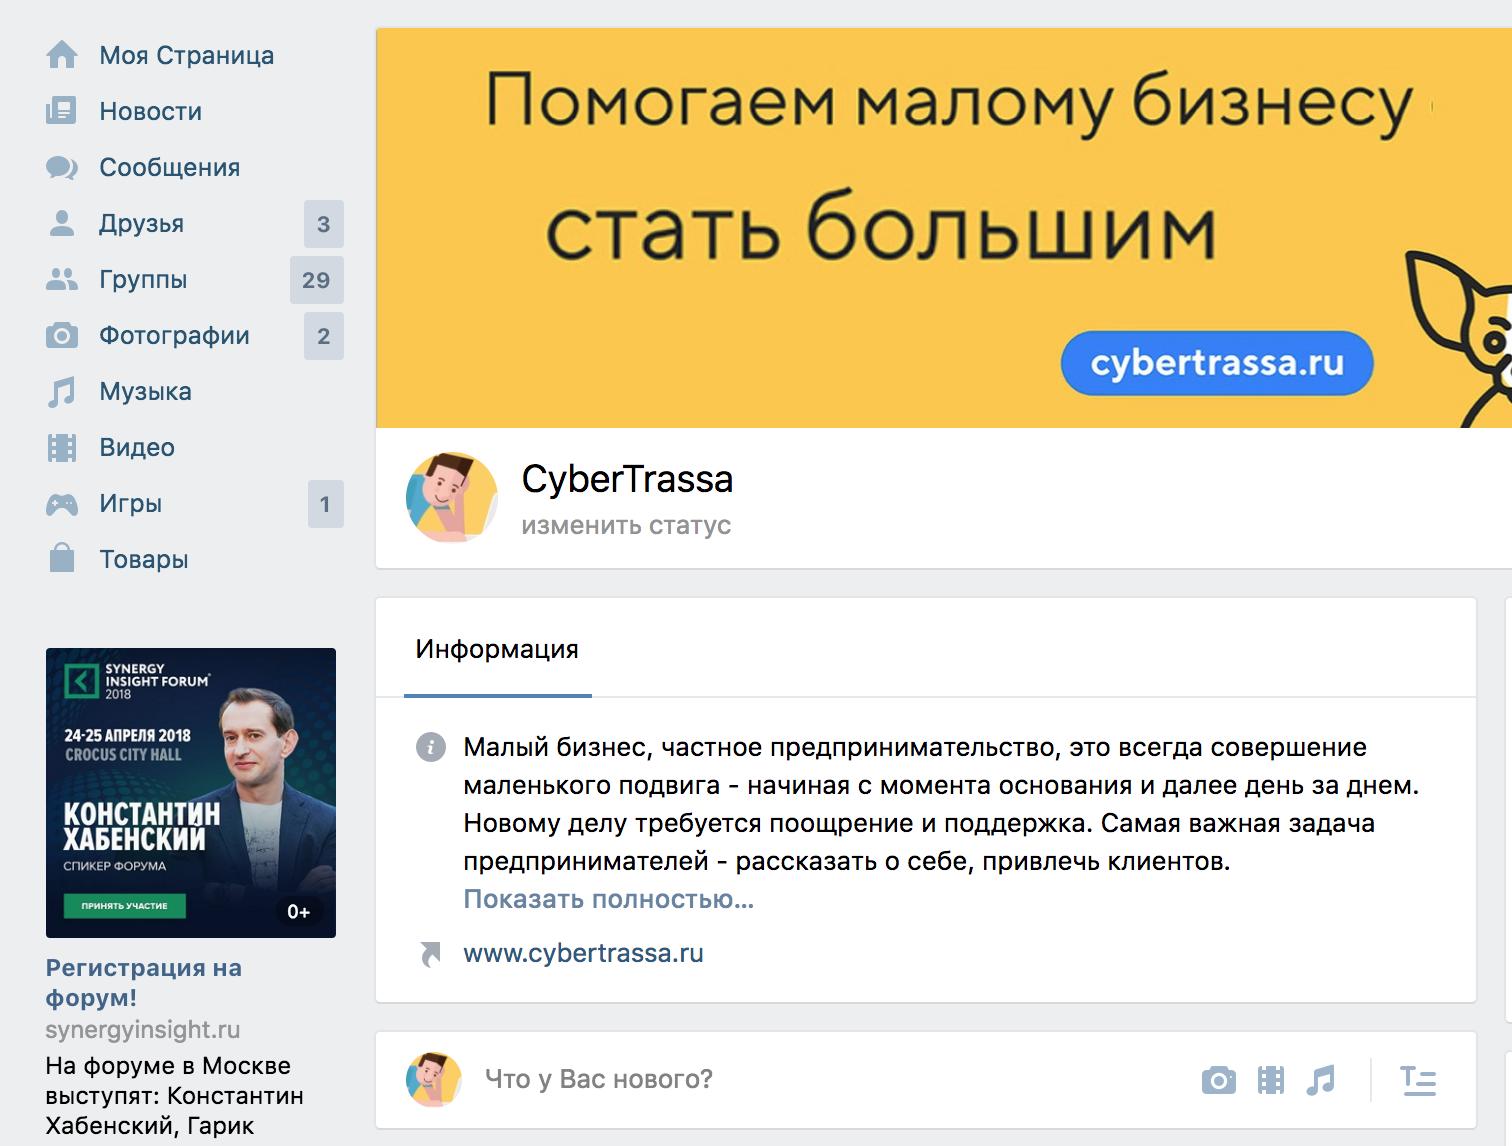 Как самостоятельно вести страницу Вконтакте 3